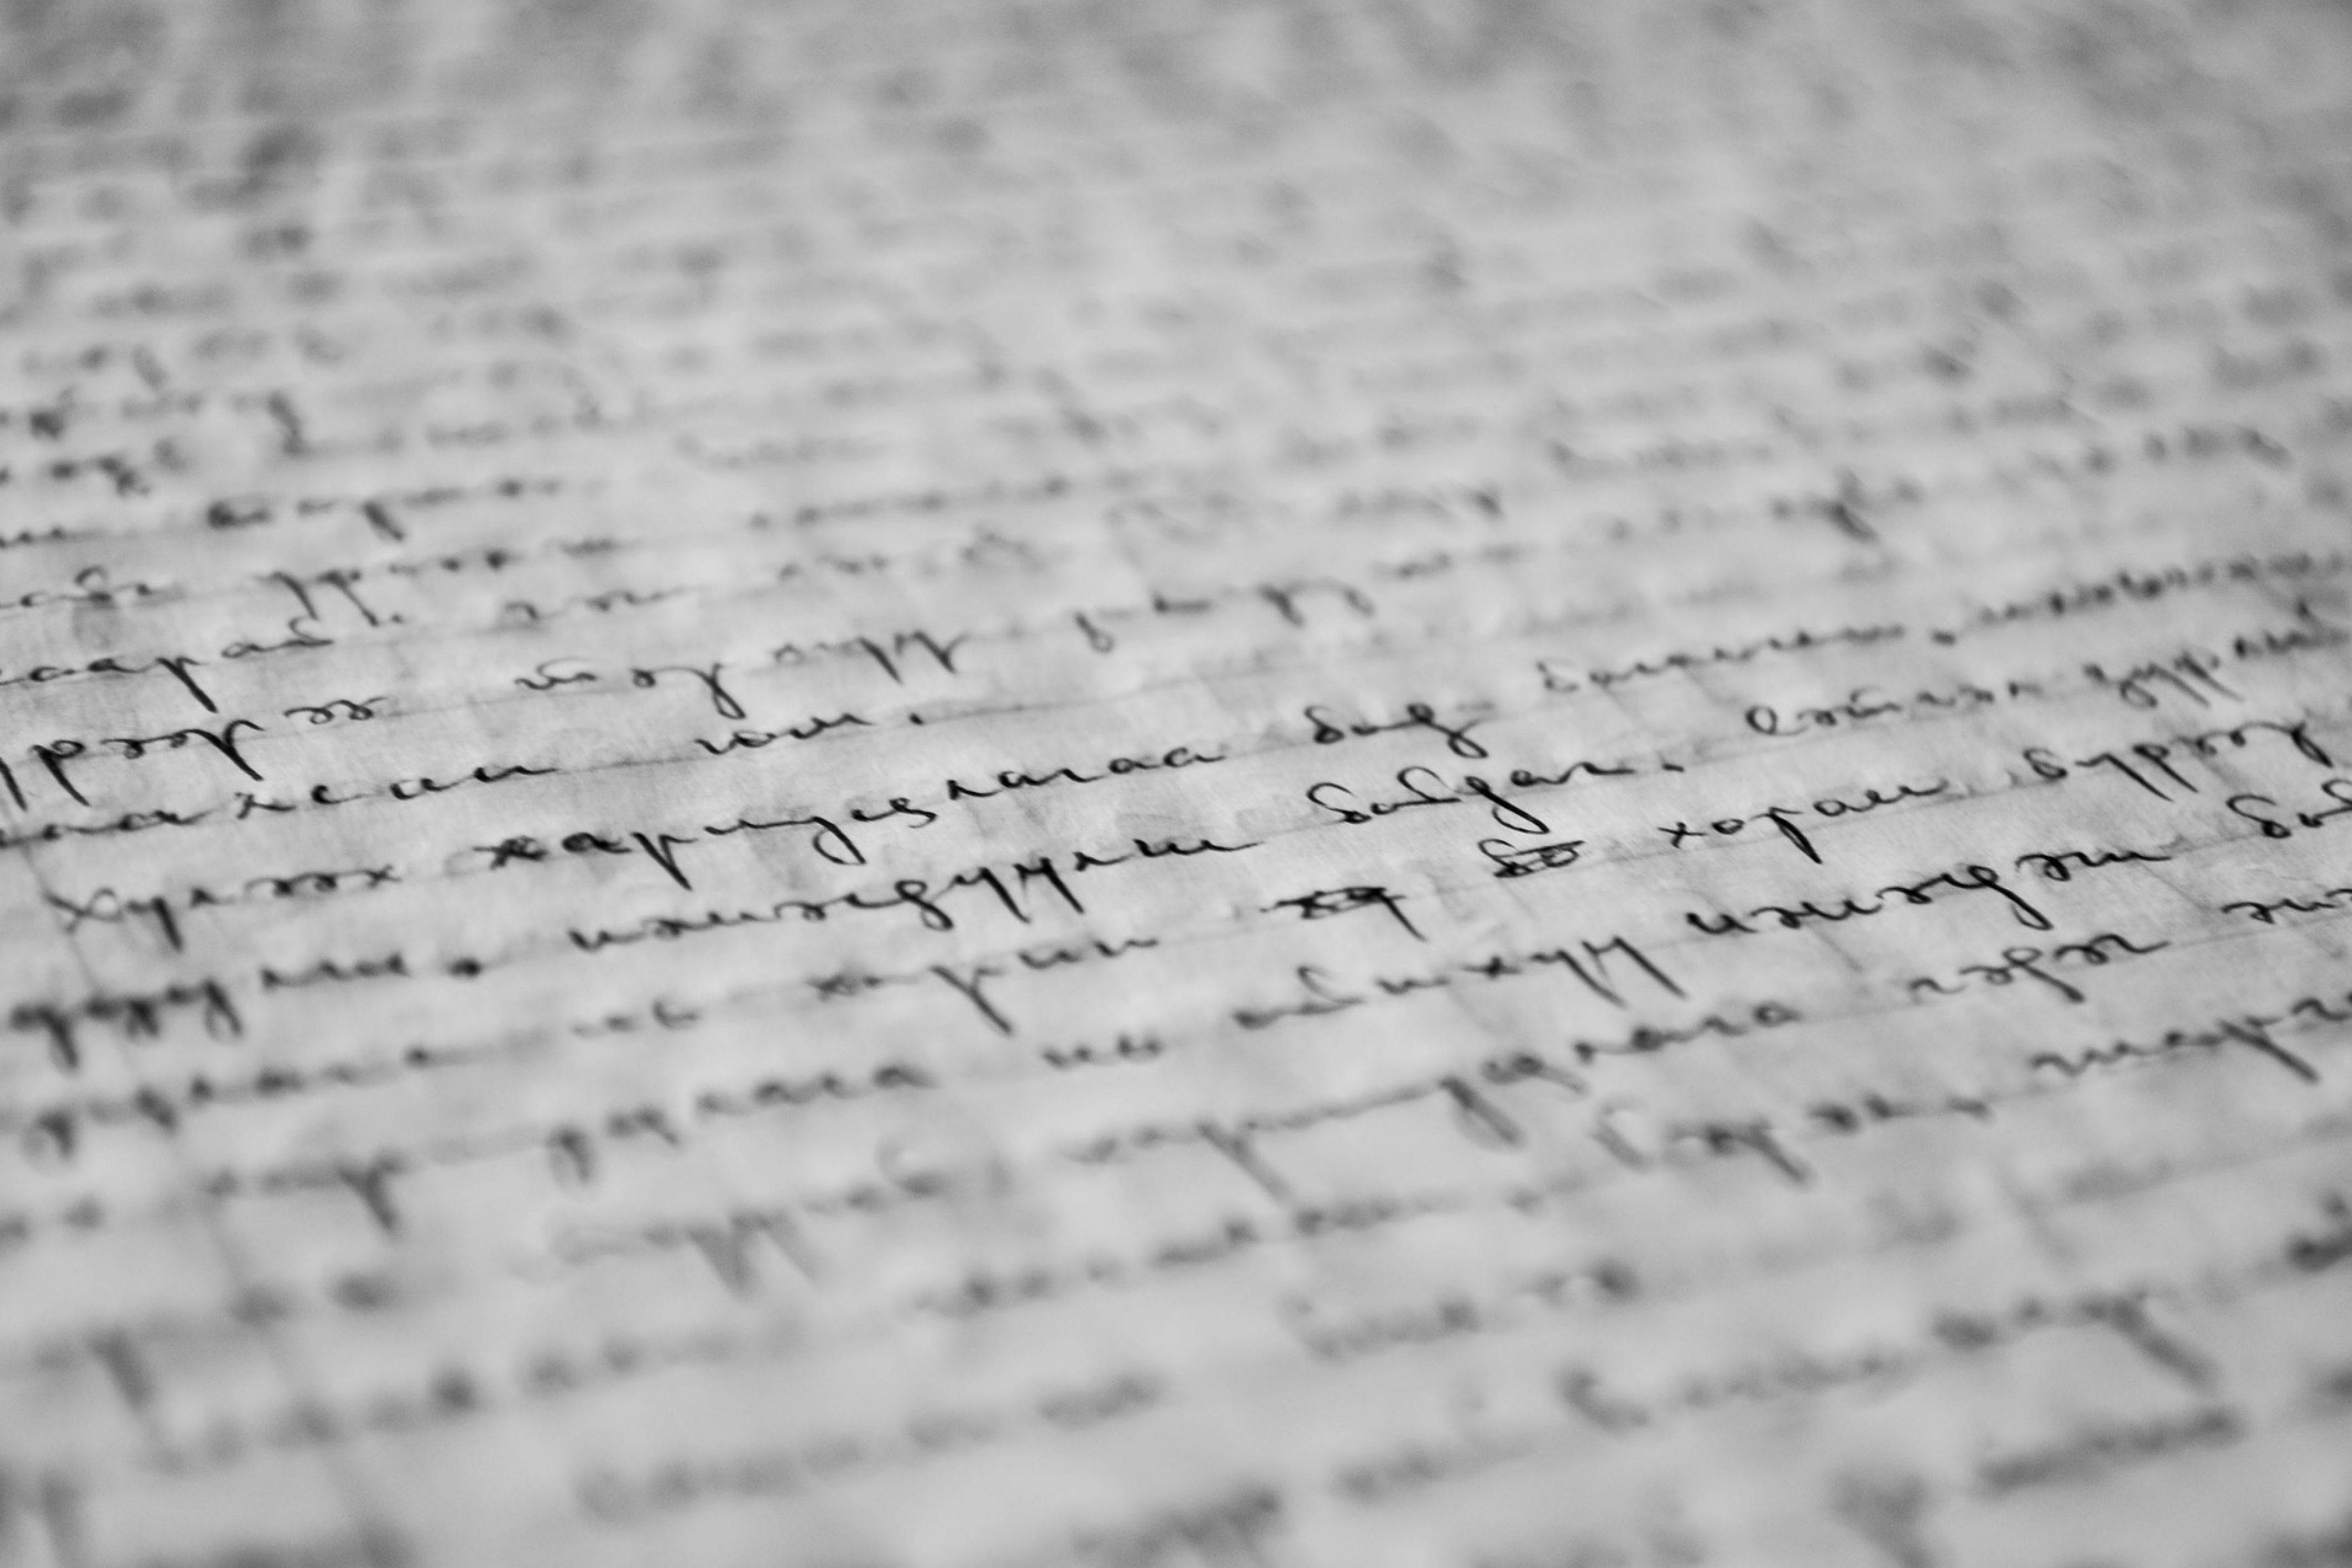 manuscript-729617_1920